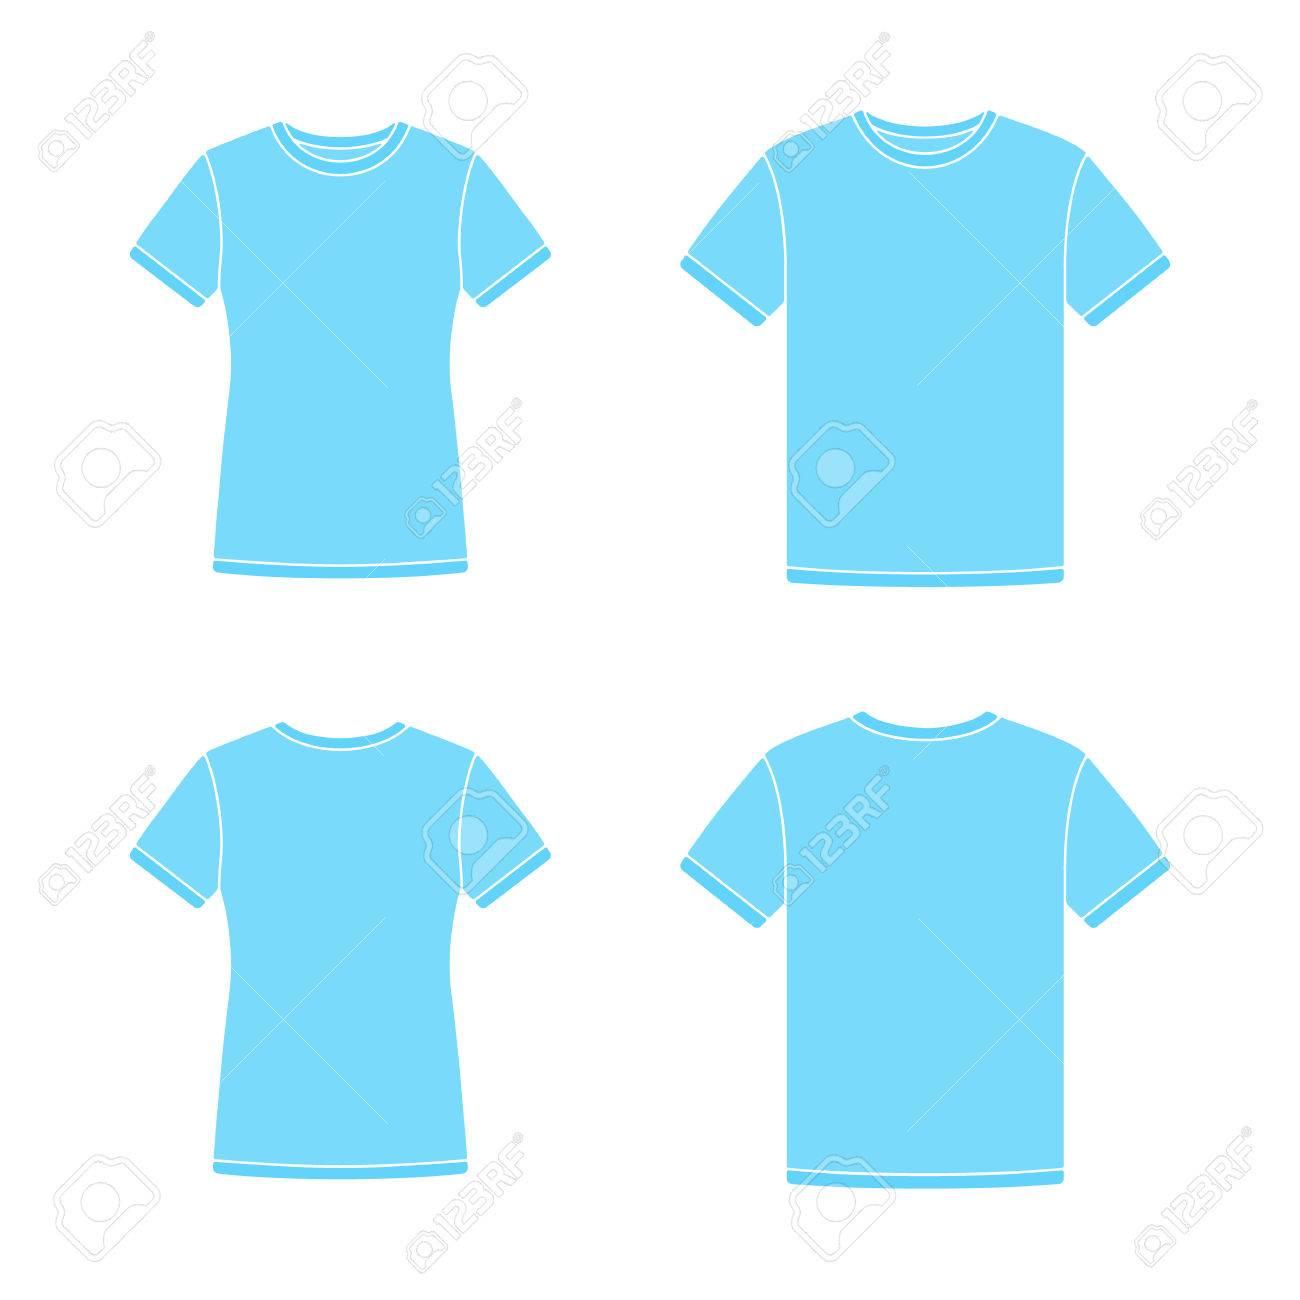 Fantastisch T Shirt Vorlage Zum Ausdrucken Bilder - Ideen fortsetzen ...